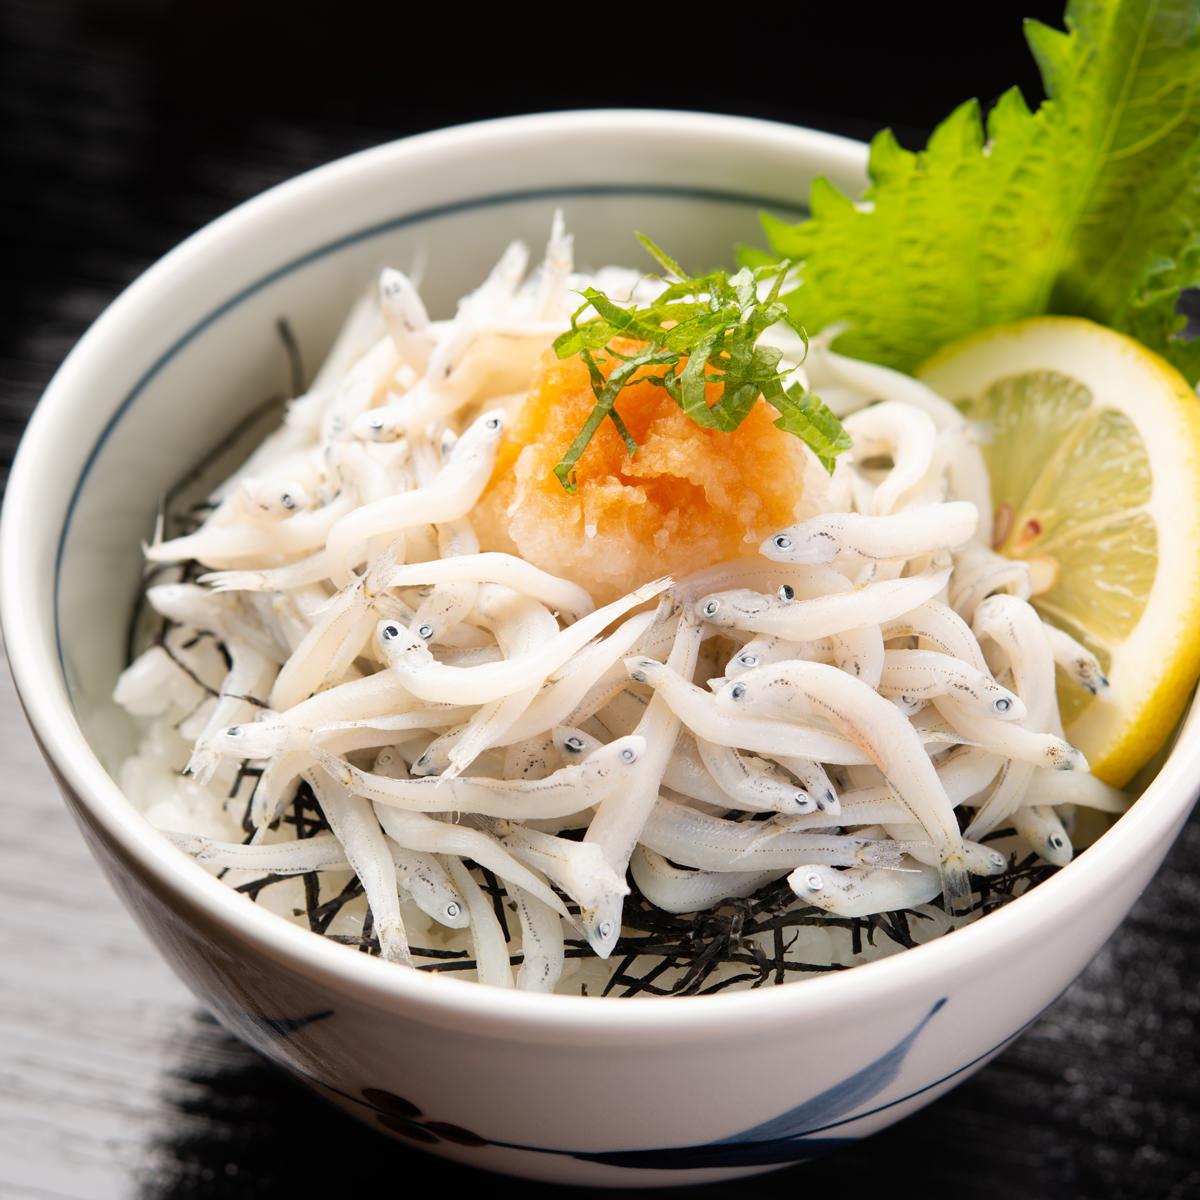 徳島県和田島 釜揚げしらす 〔1kg〕 魚 一幸